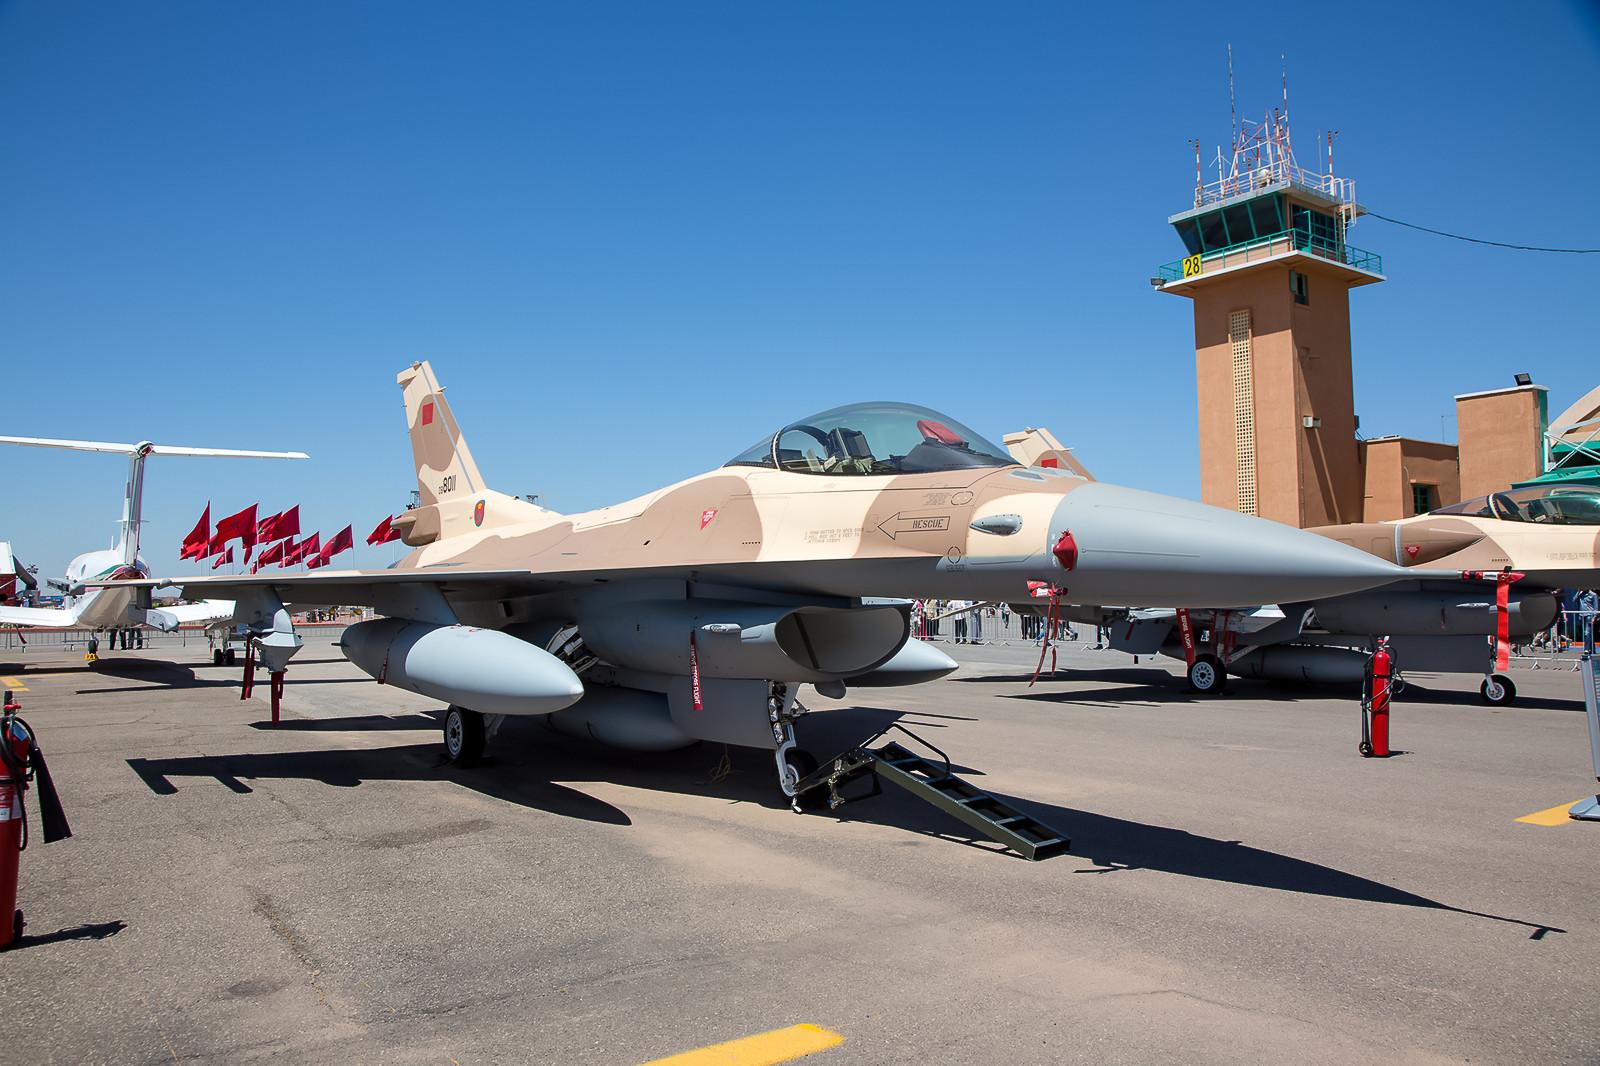 Relativ neu sind die F-16C/D Block 52 aus Ben Guerir